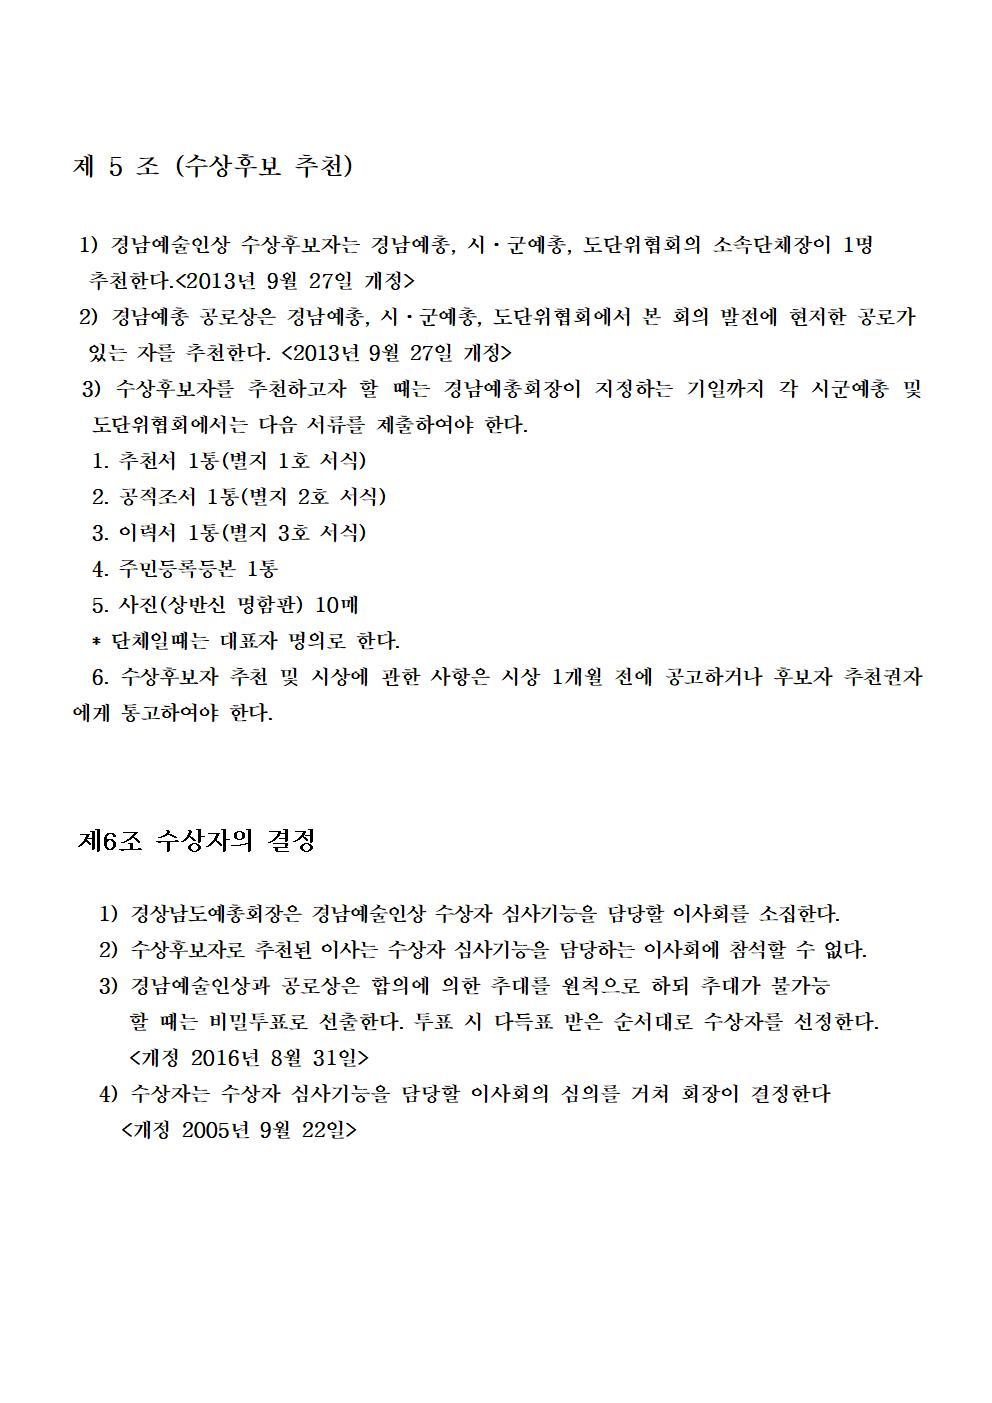 경남예술인상 시행규칙 개정(20160831)003.jpg